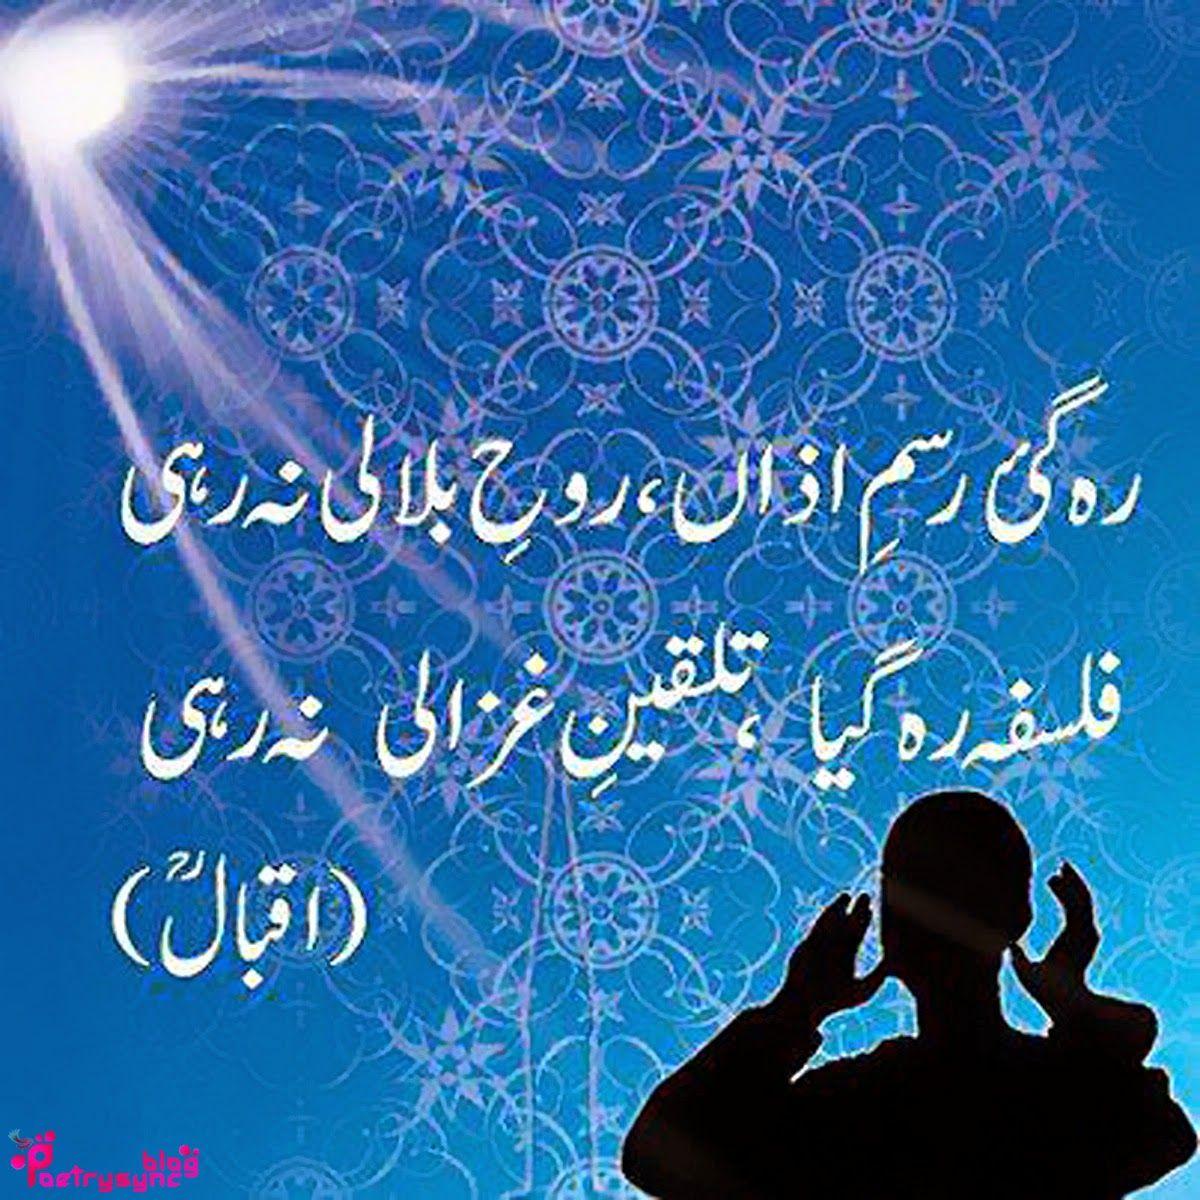 Iqbal Urdu Shayari Images: Poetry: Iqbal Shayari/Poetry In Urdu Language With